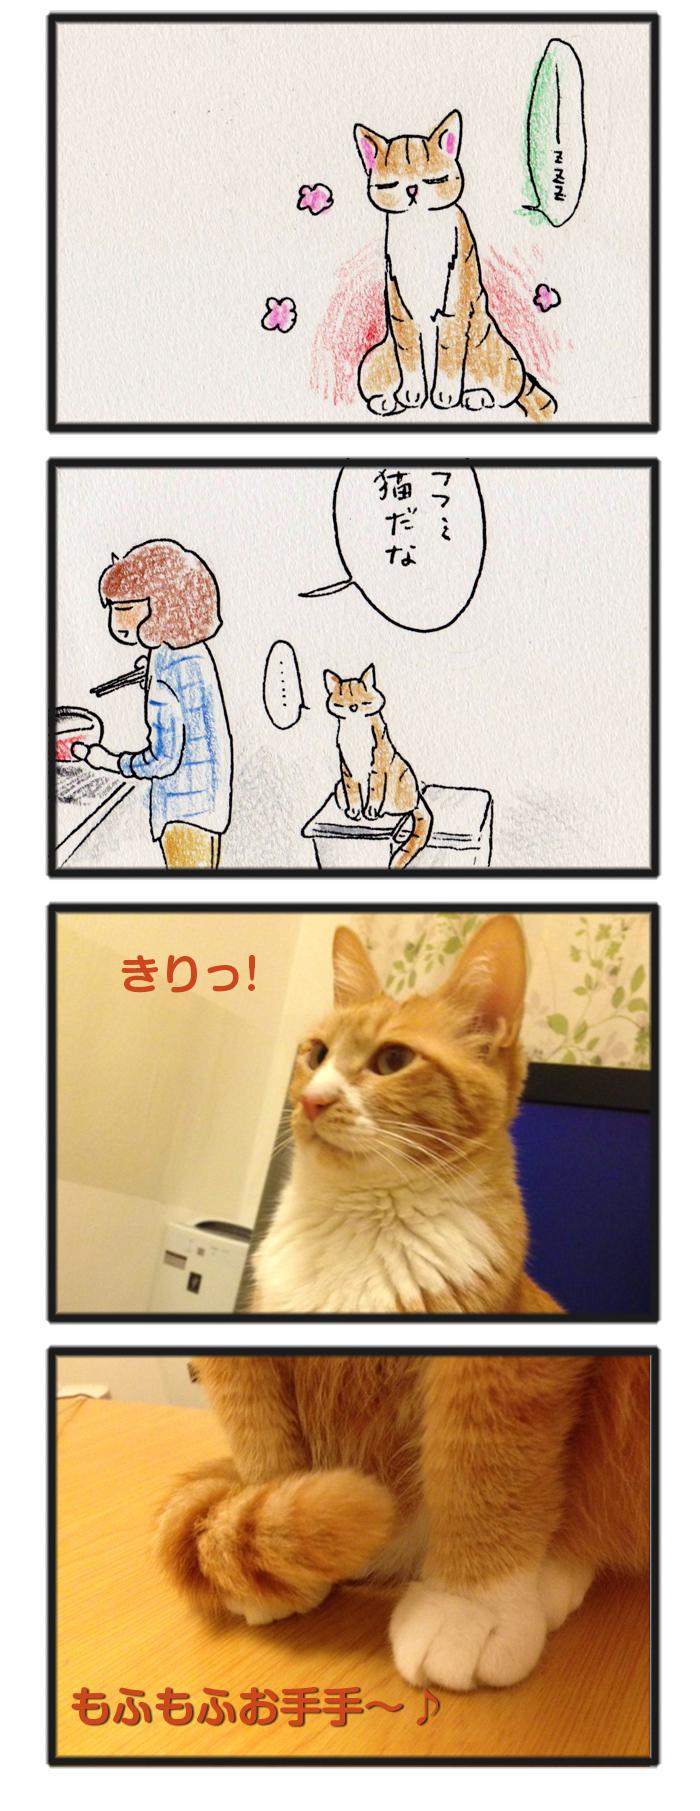 comic_4c_15040502.jpg